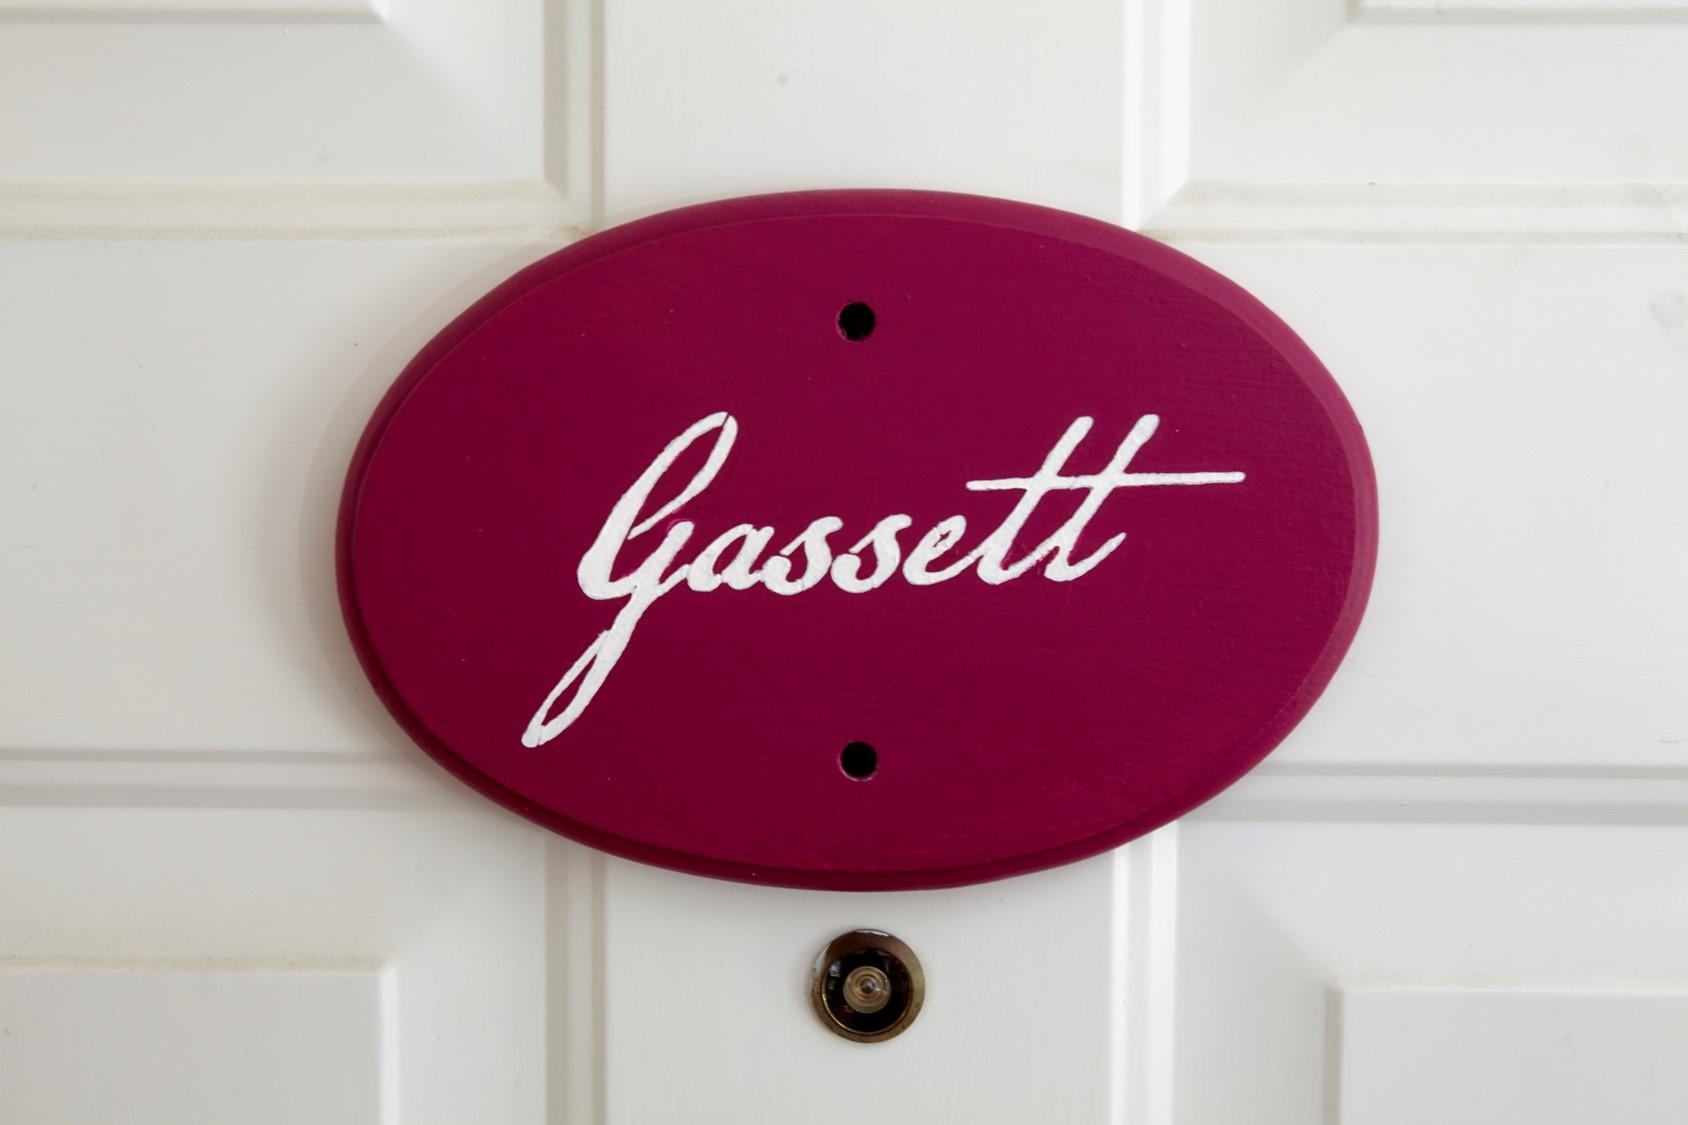 GASSETT